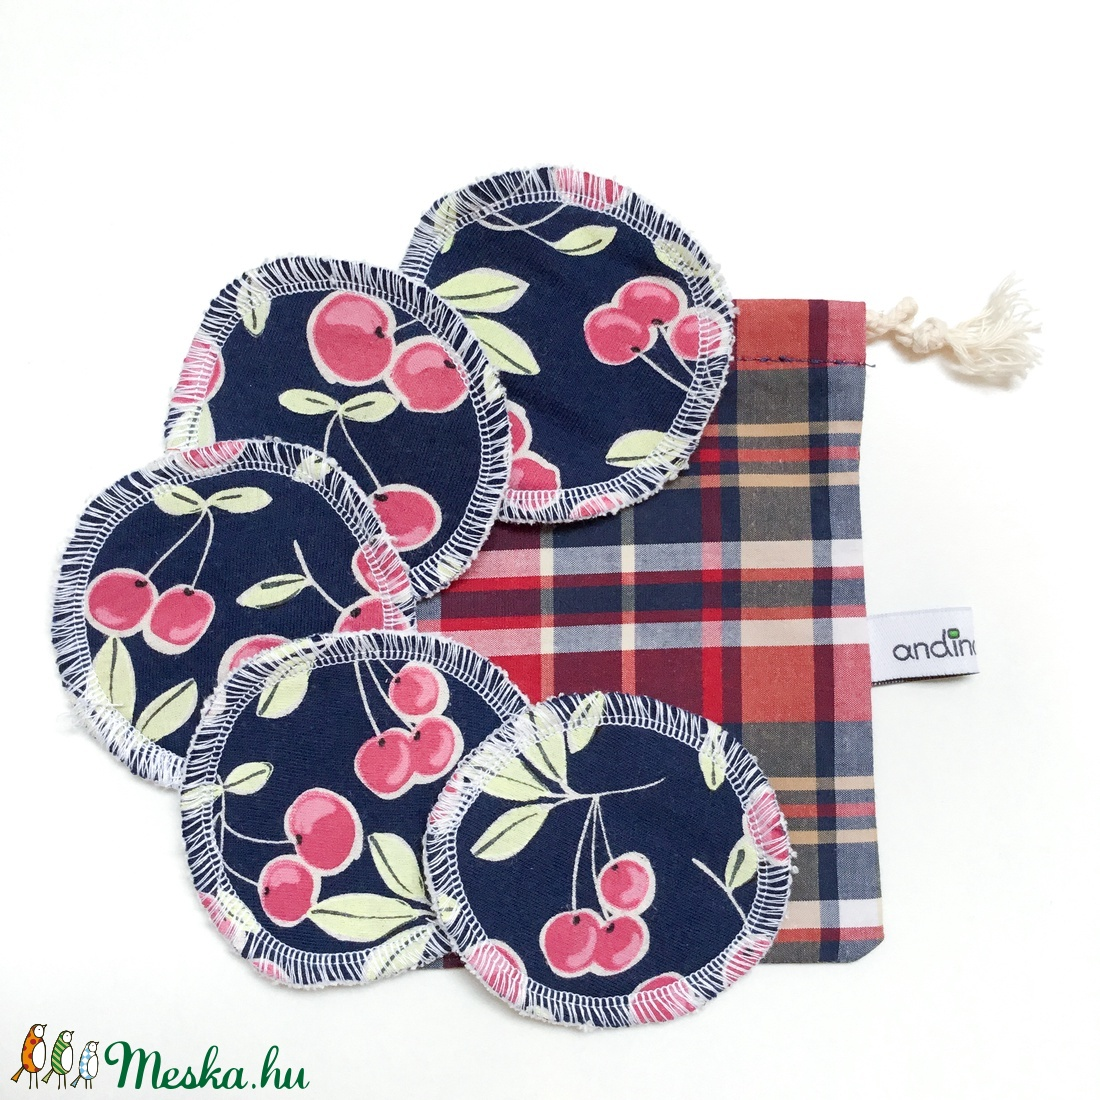 5 db cseresznyés arctisztító korong mosózsákkal - sminklemosó kozmetikai vatta, zero waste karácsonyi jándék - szépségápolás - arcápolás - arctisztító korong - Meska.hu